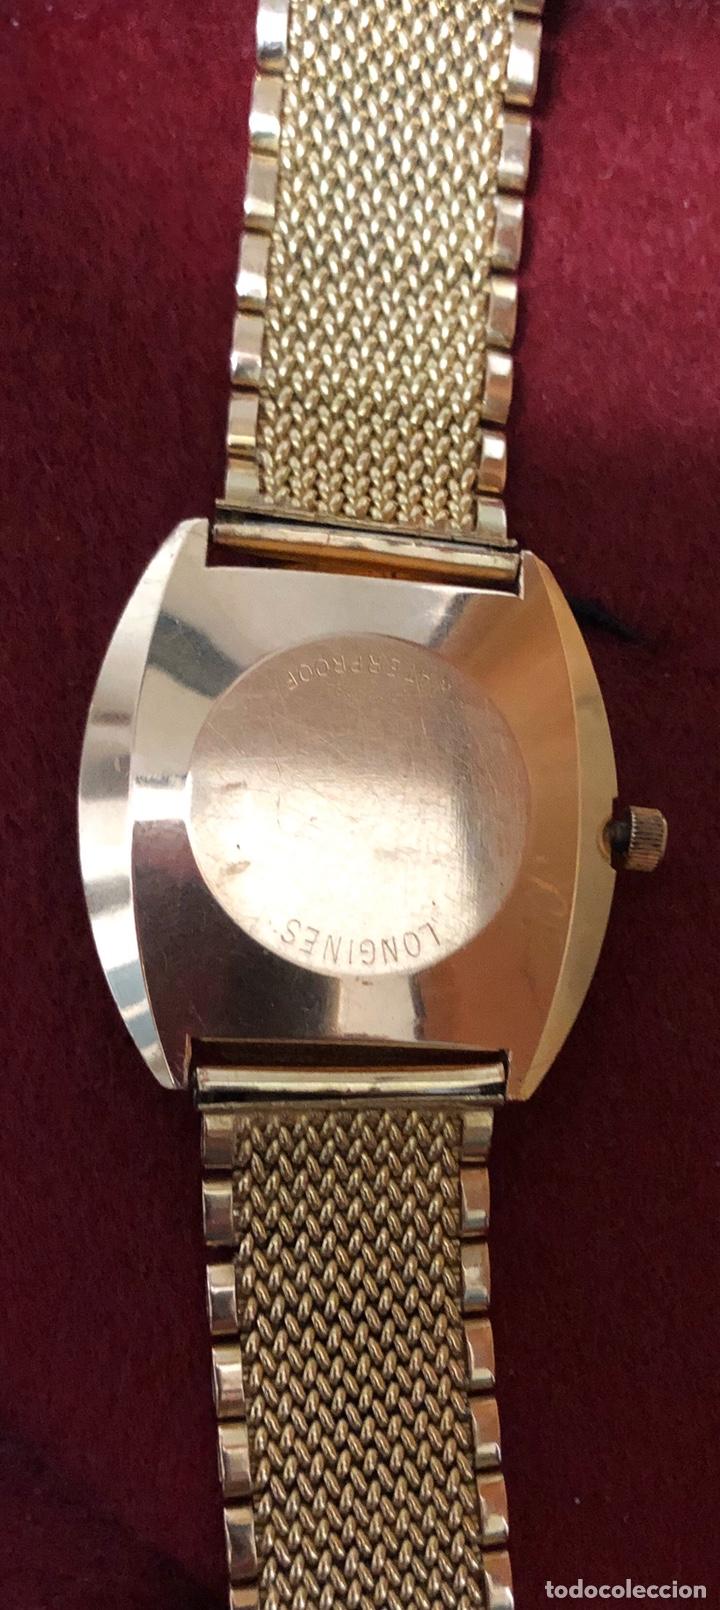 Relojes automáticos: Reloj automático de oro de 18K, Longines Admiral 5 estrellas. 97,20gr - Foto 3 - 182865583